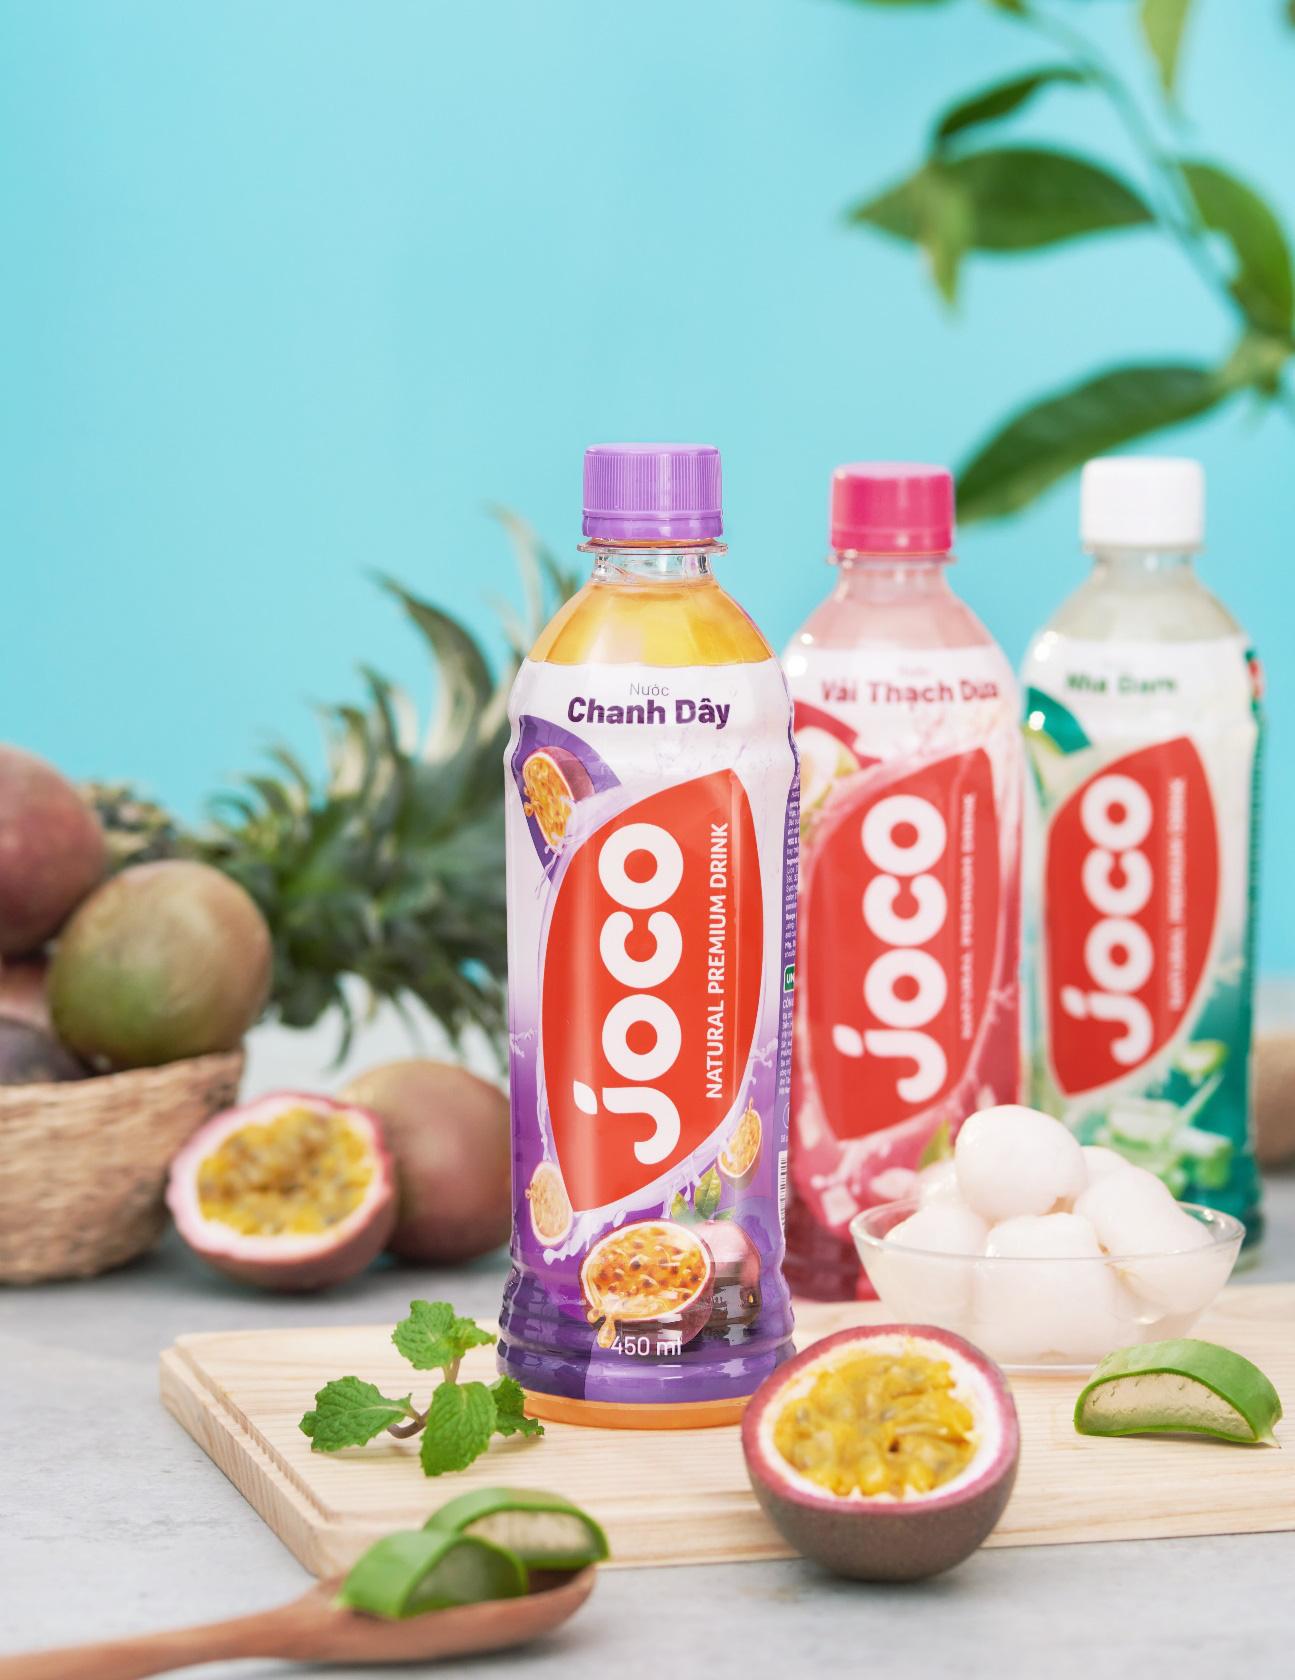 UNIBEN tự tin định nghĩa lại ngành hàng nước trái cây với JOCO vị ngon sáng tạo - Ảnh 5.